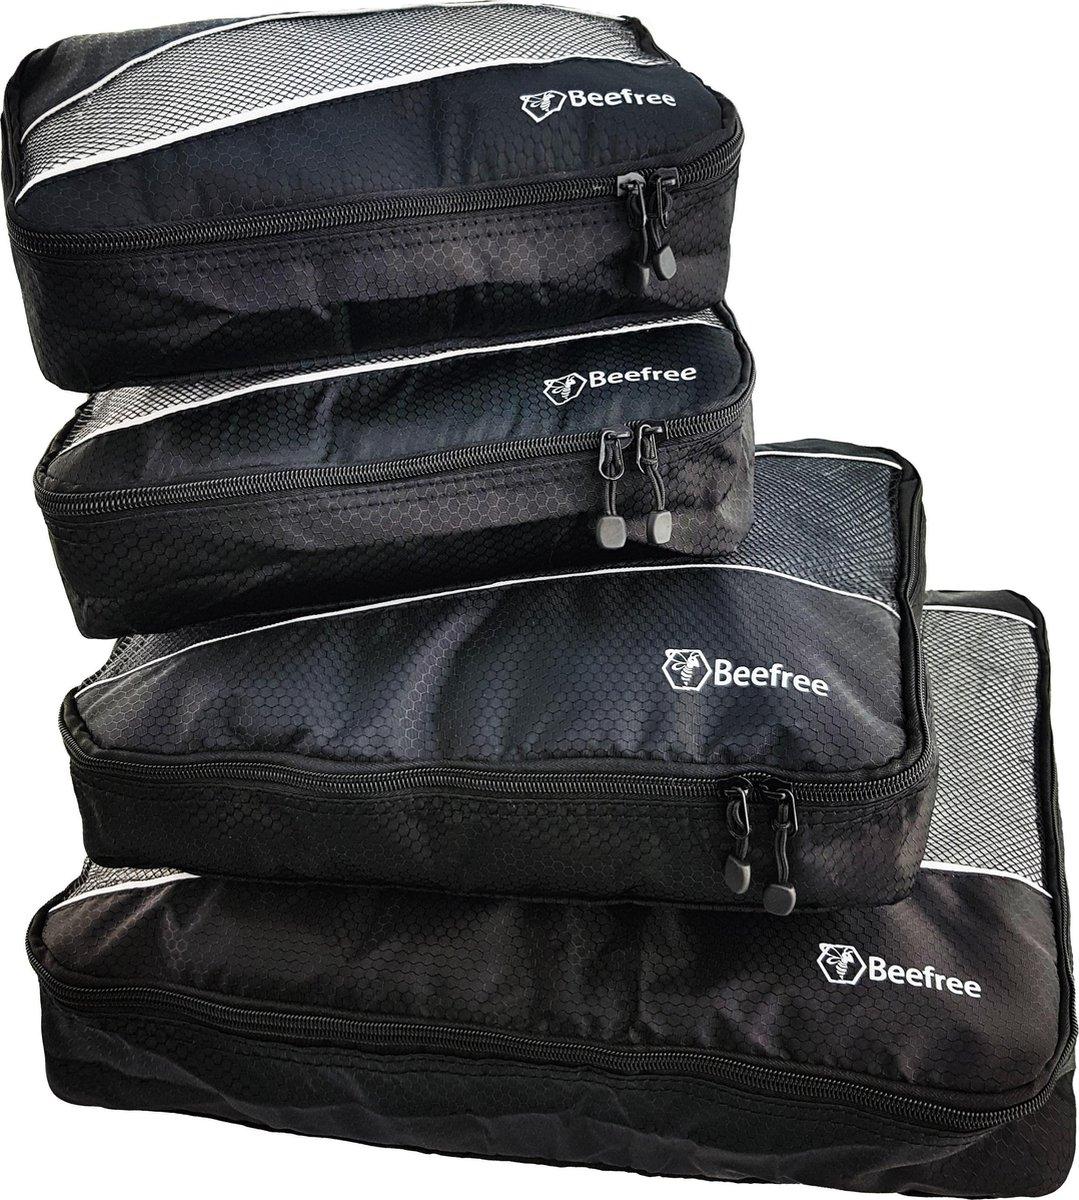 Beefree Koffer organiser 4-delig Zwart, formaat handbagage | Travel bag | Reis organizer | Opgeruimde koffer | Kledinghoes | Reistas - Beefree